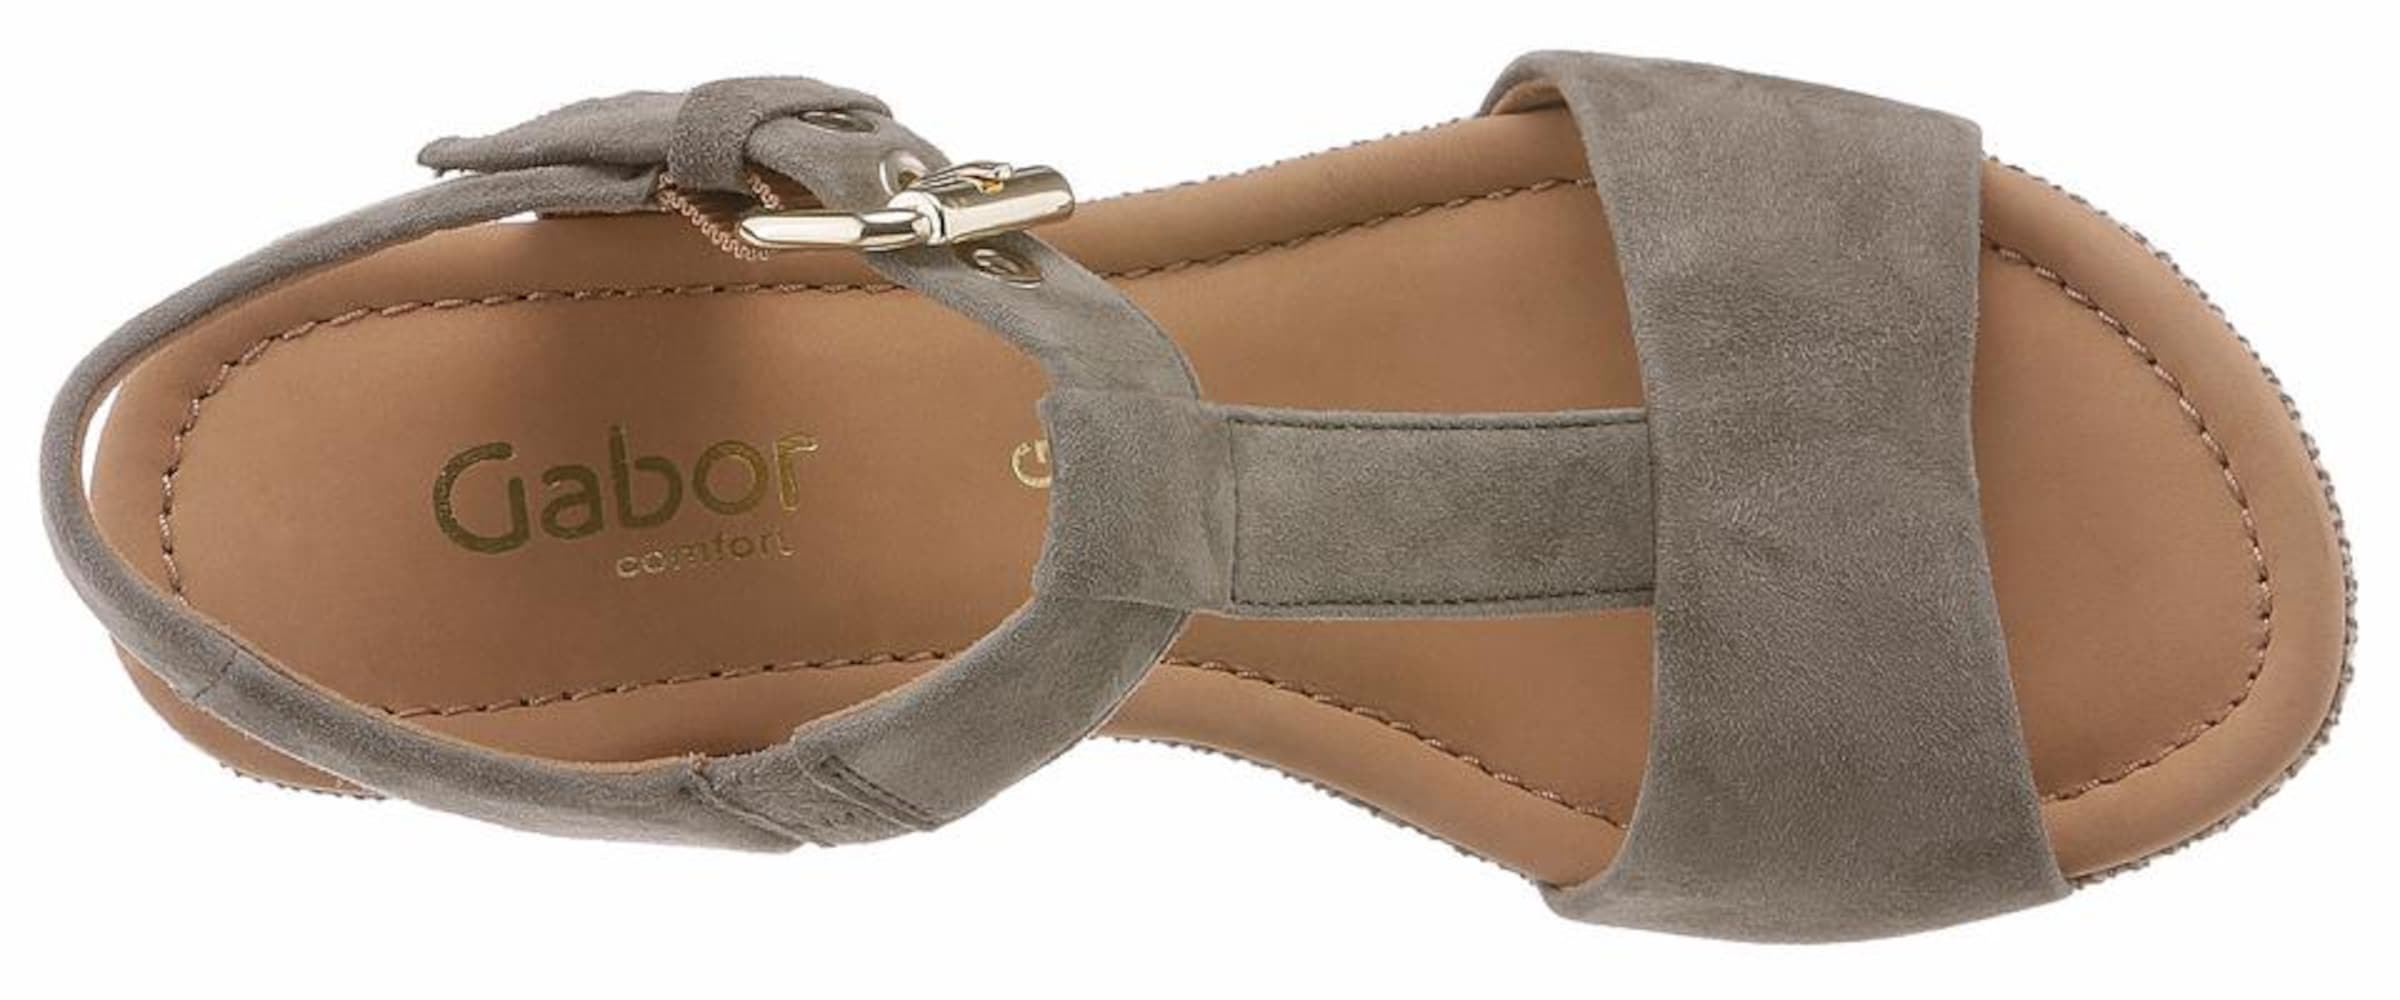 GABOR Sandalette Billig Verkaufen Authentisch Heißen Verkauf Zum Verkauf E2vPWFB